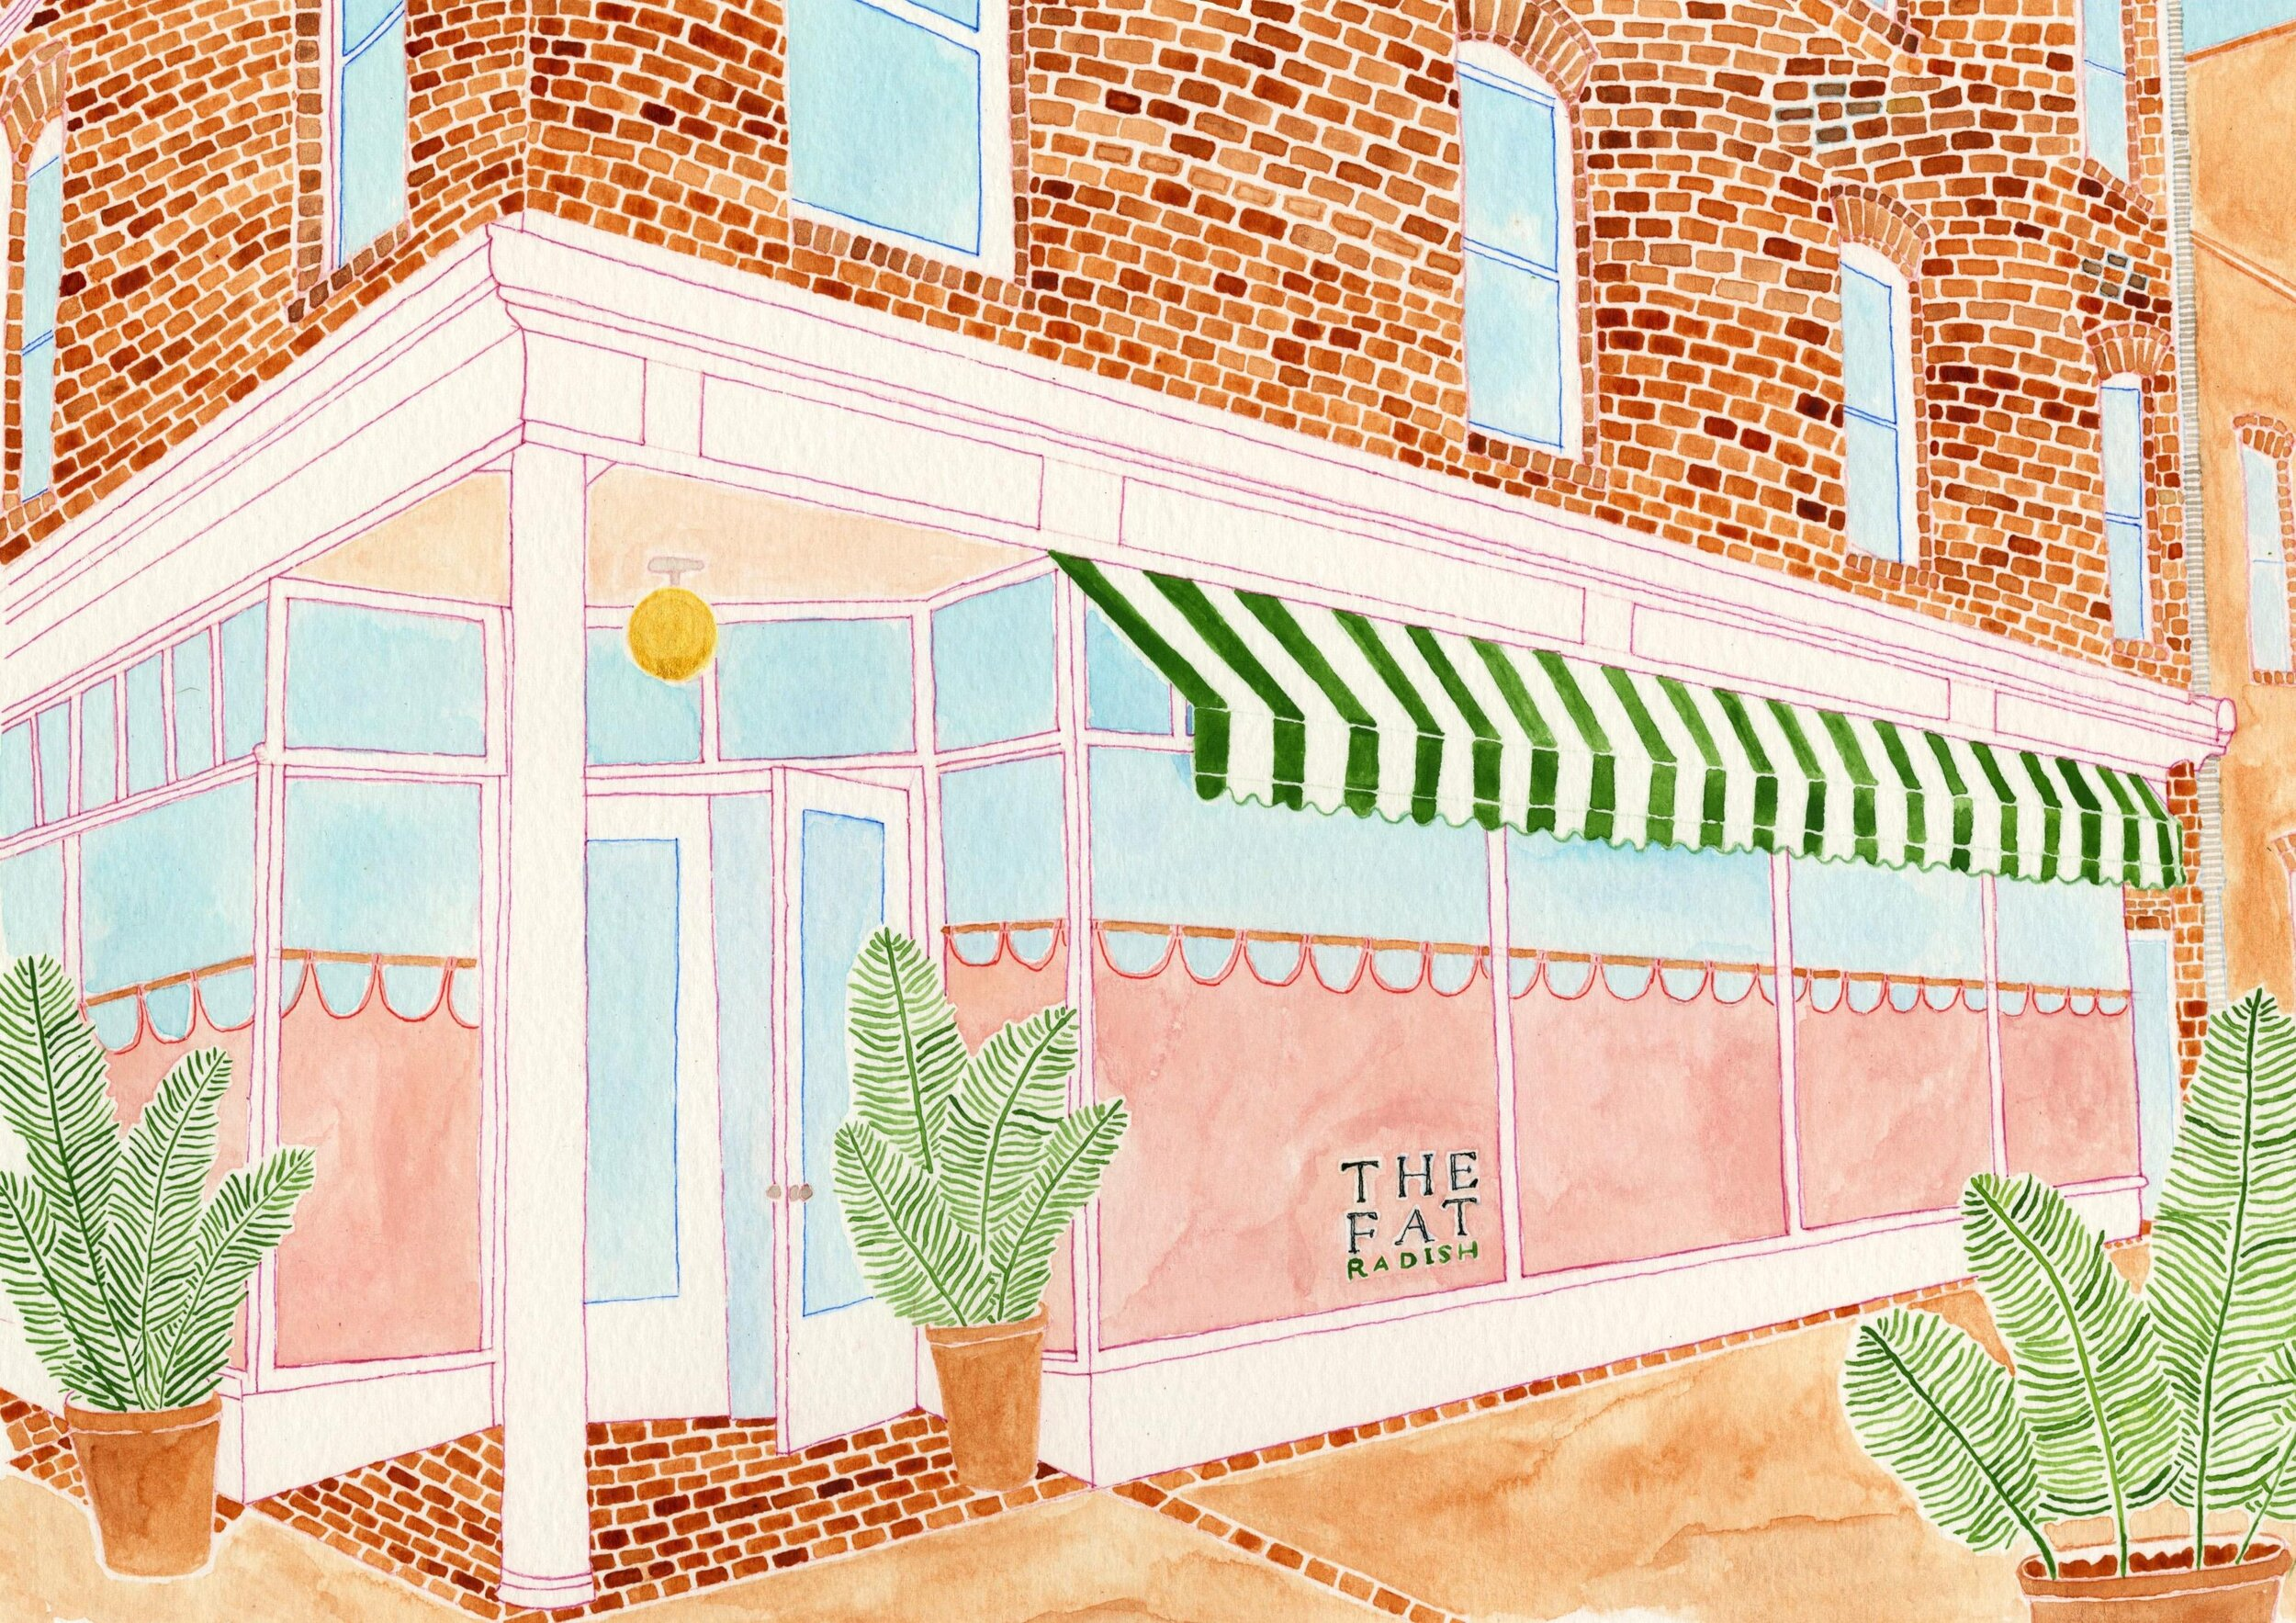 Illustration by Priscilla Weidlein